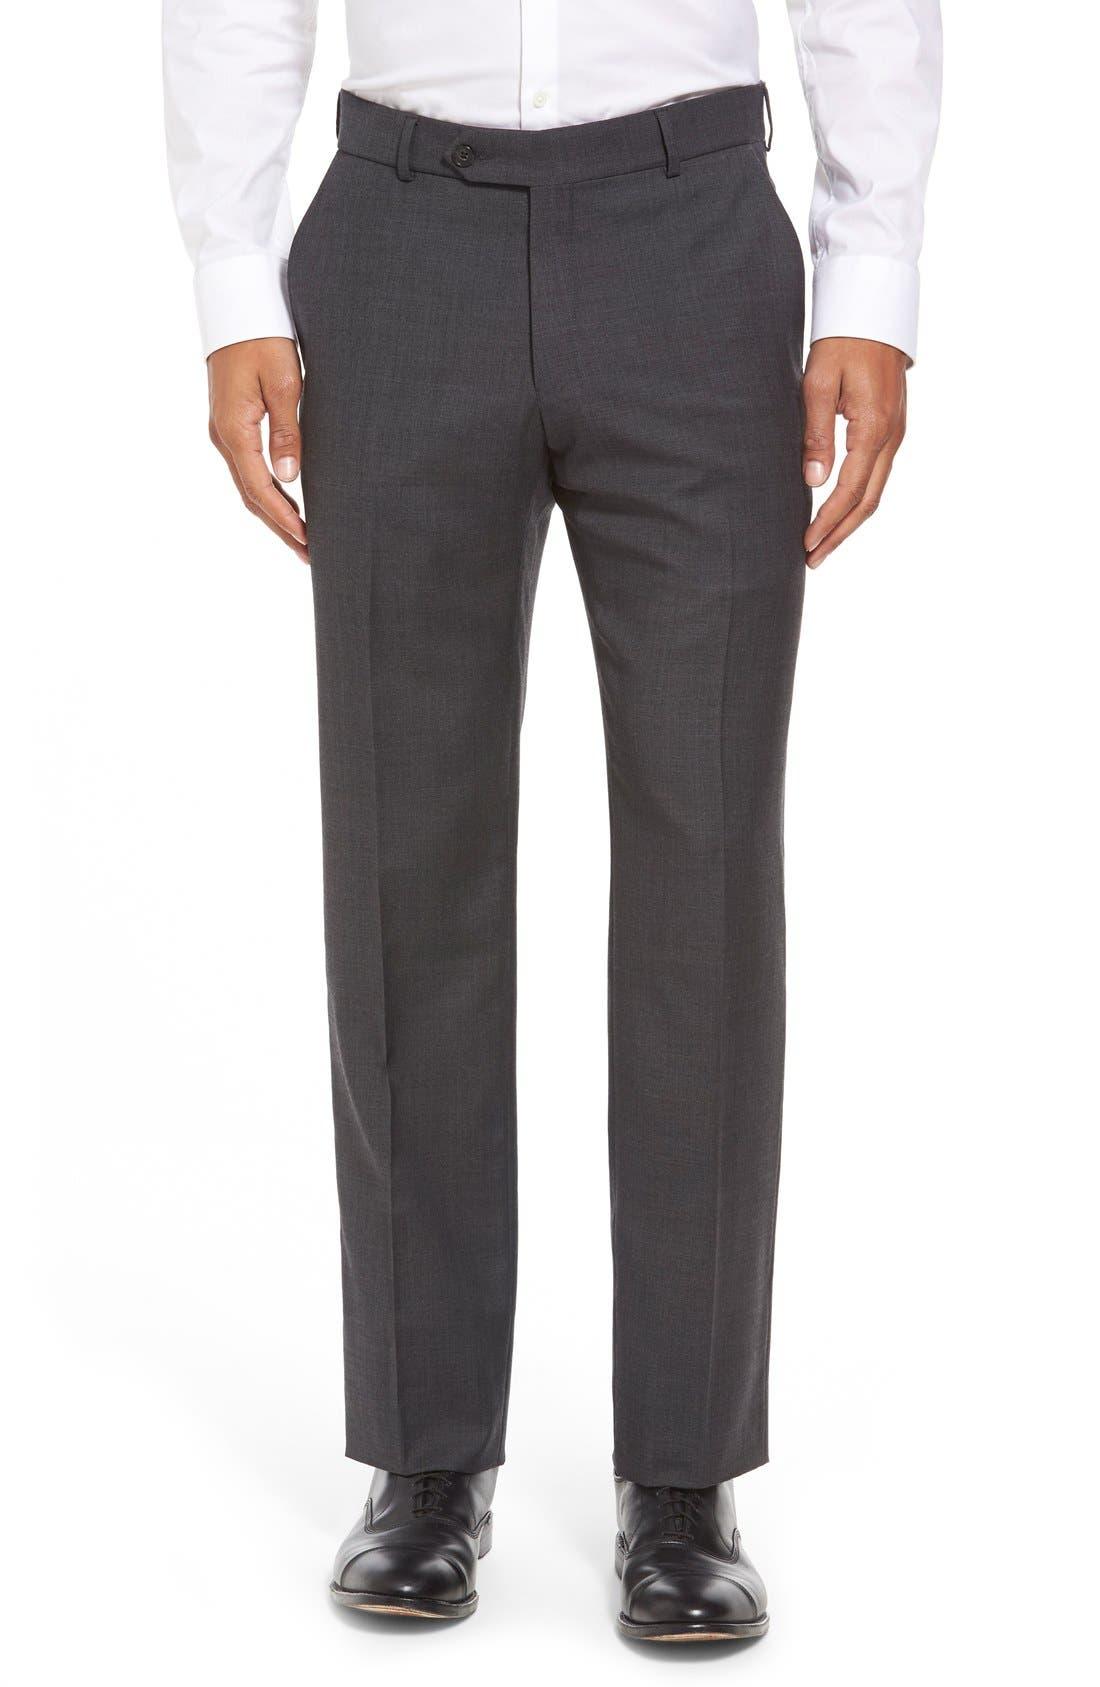 BALLIN Flat Front Sharkskin Wool Trousers in Dark Grey